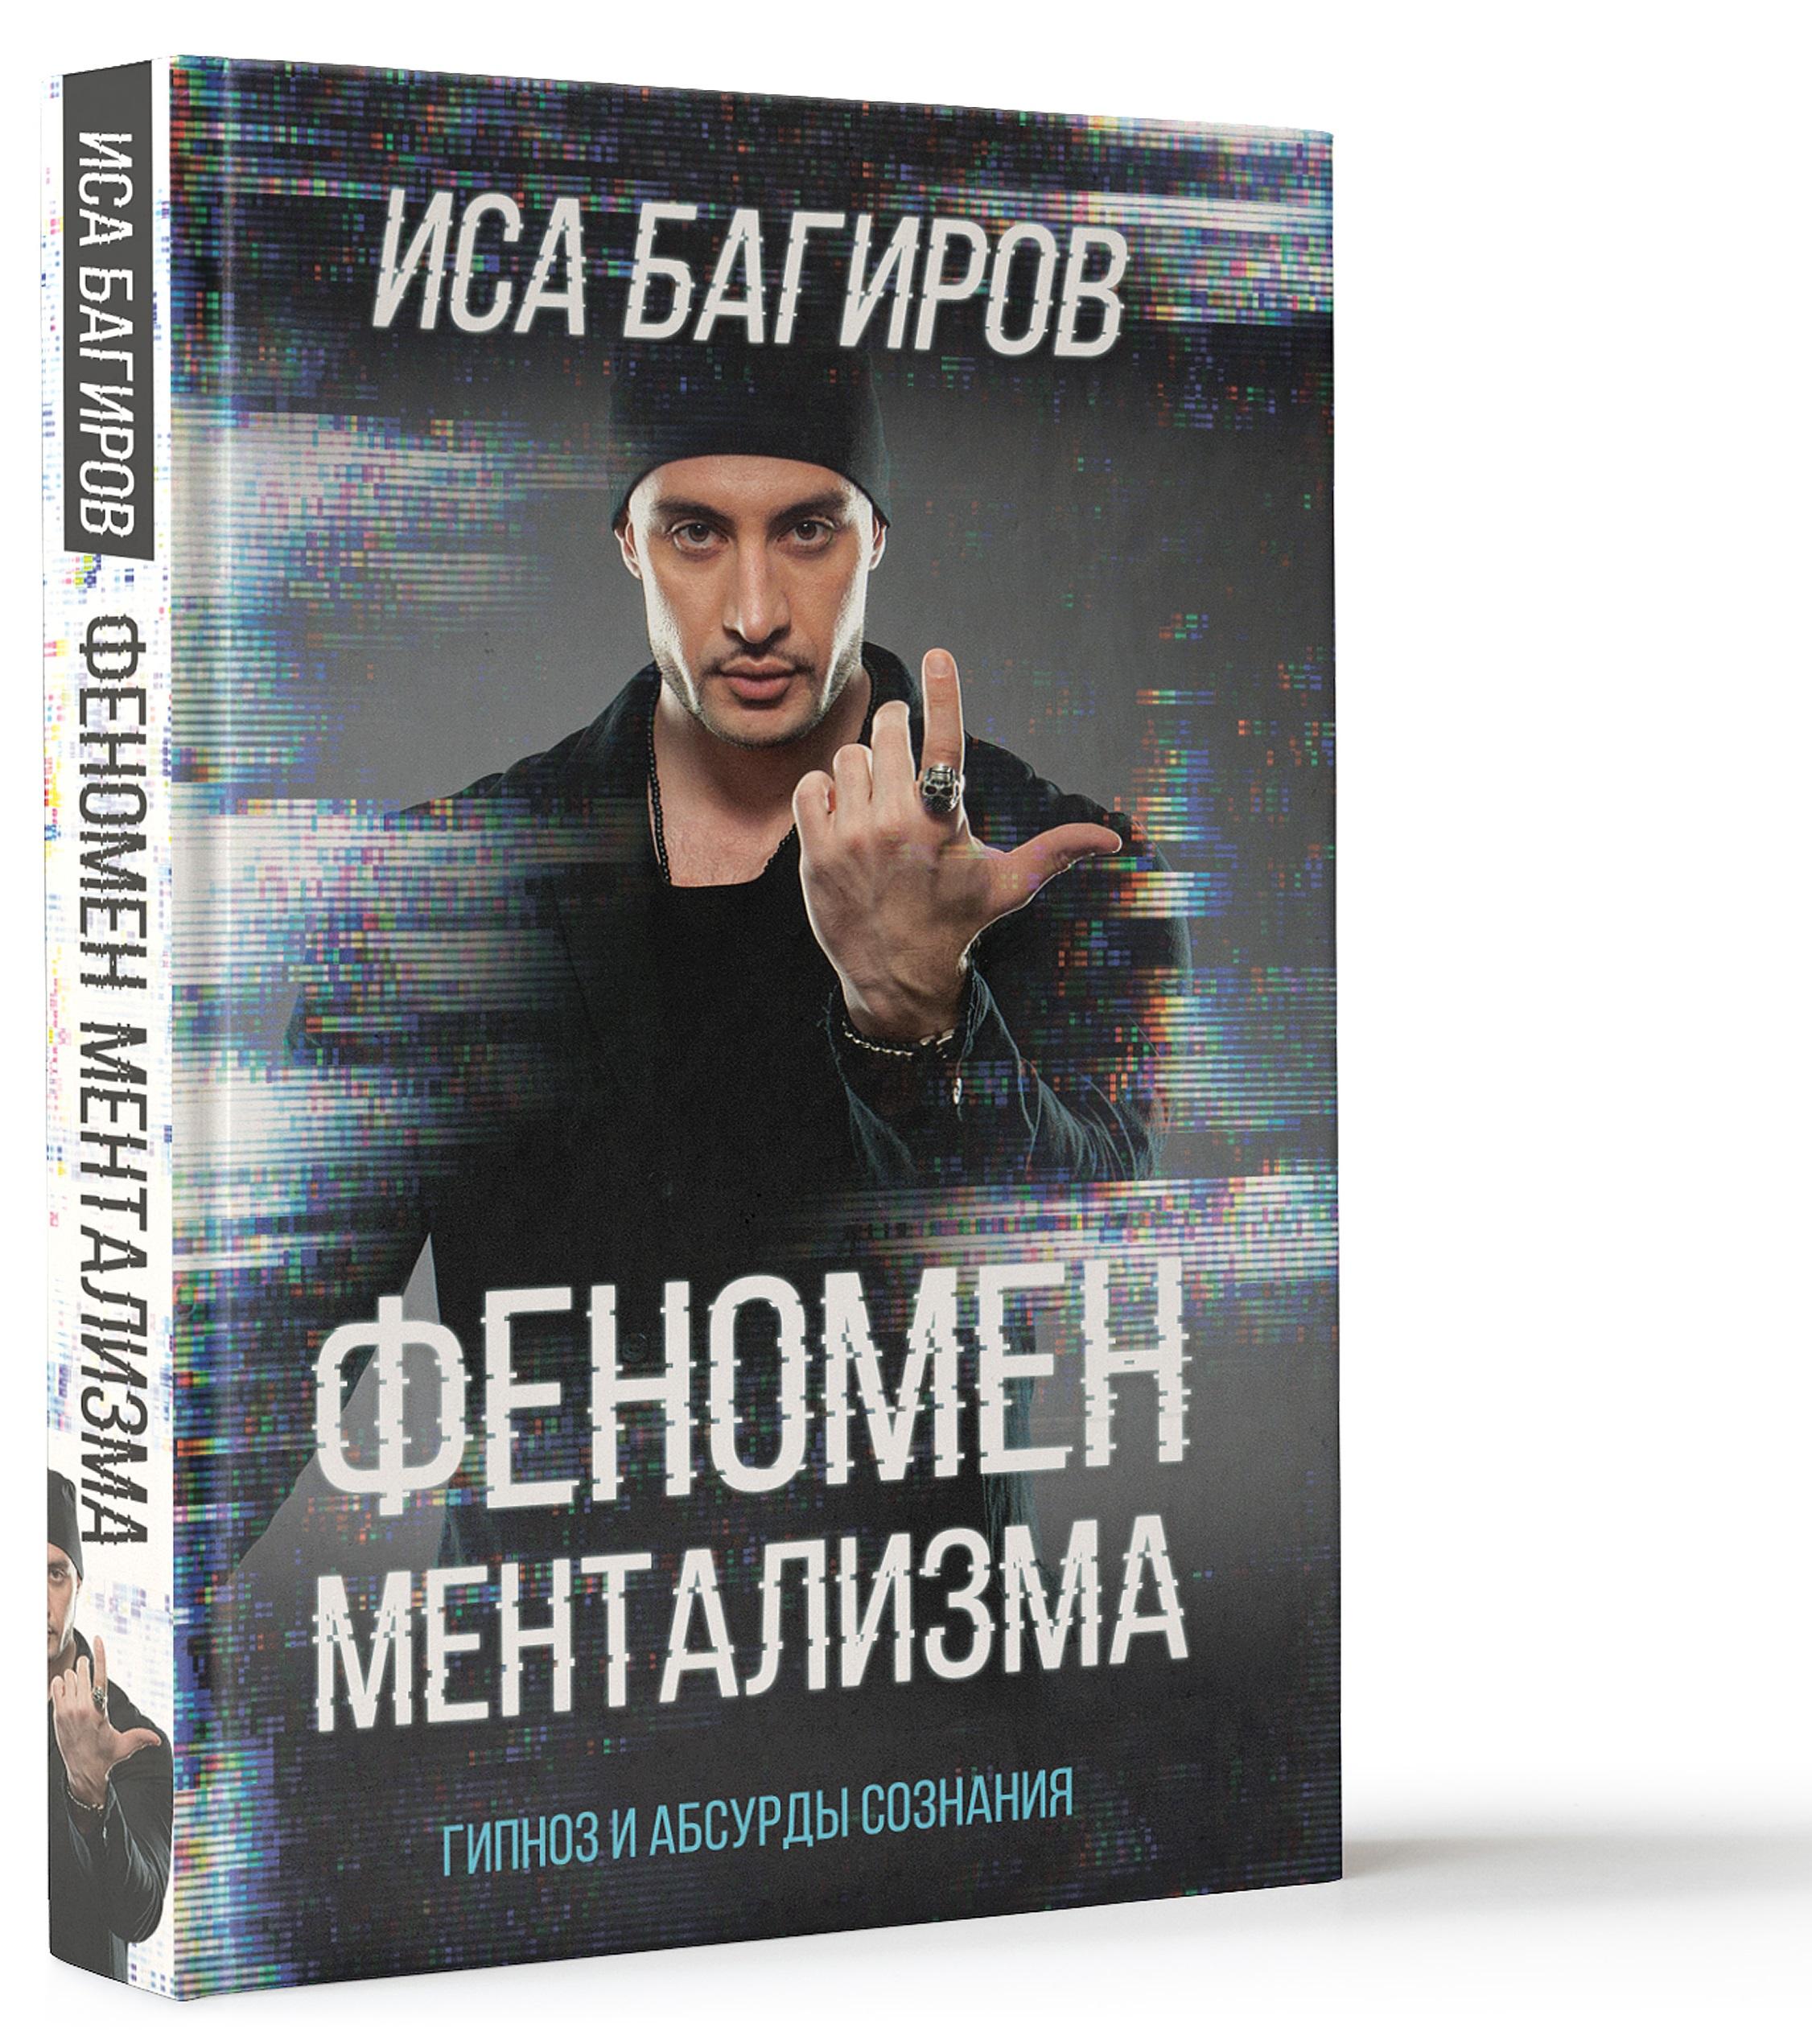 Иса Багиров. Феномен ментализма. Гипноз и абсурды сознания